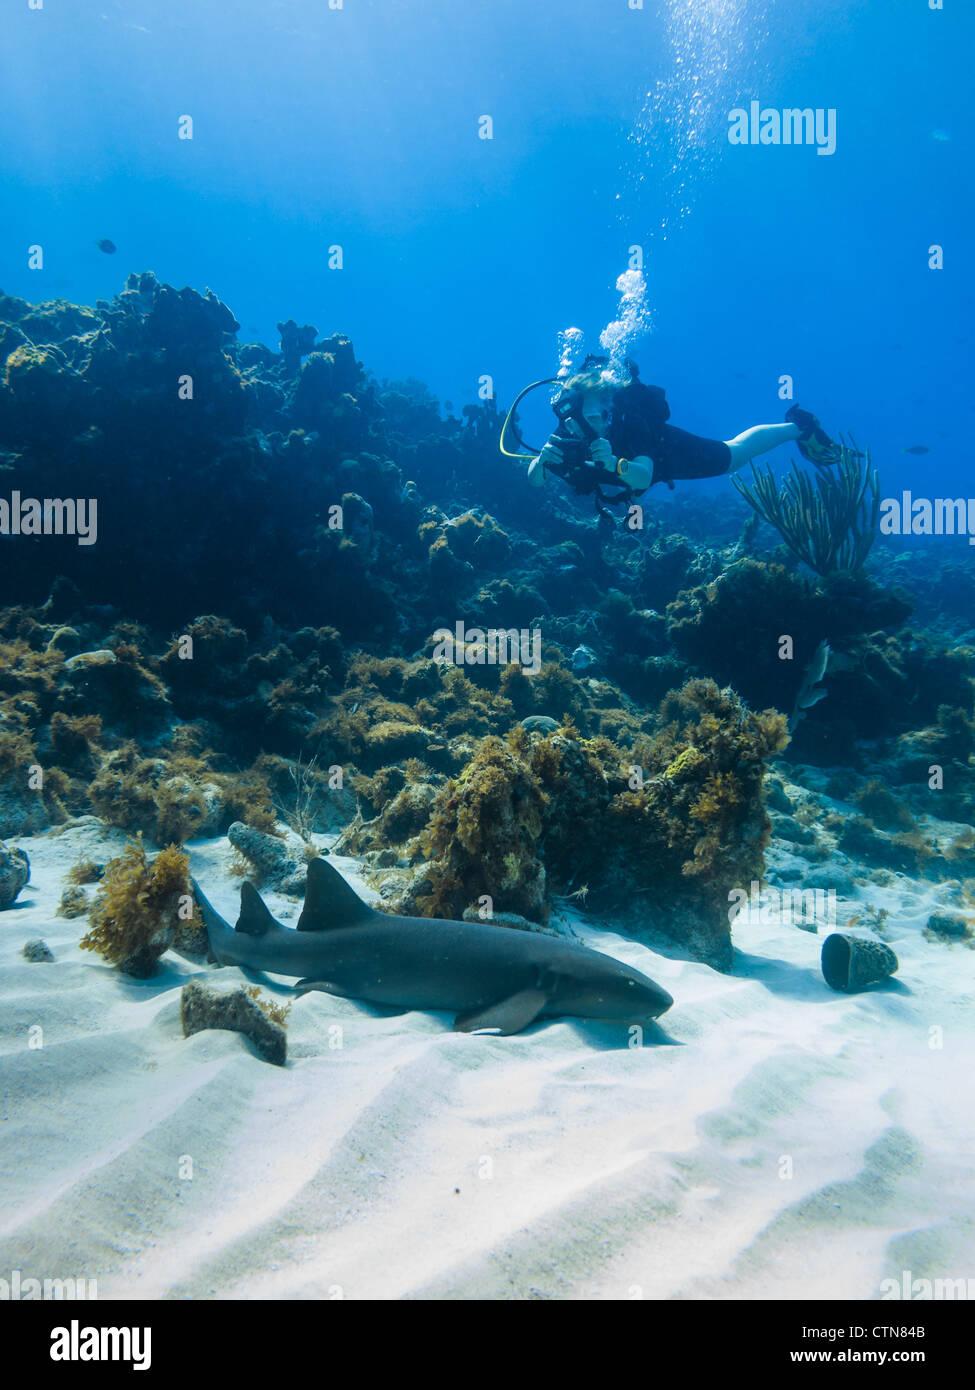 scuba diver photographs a